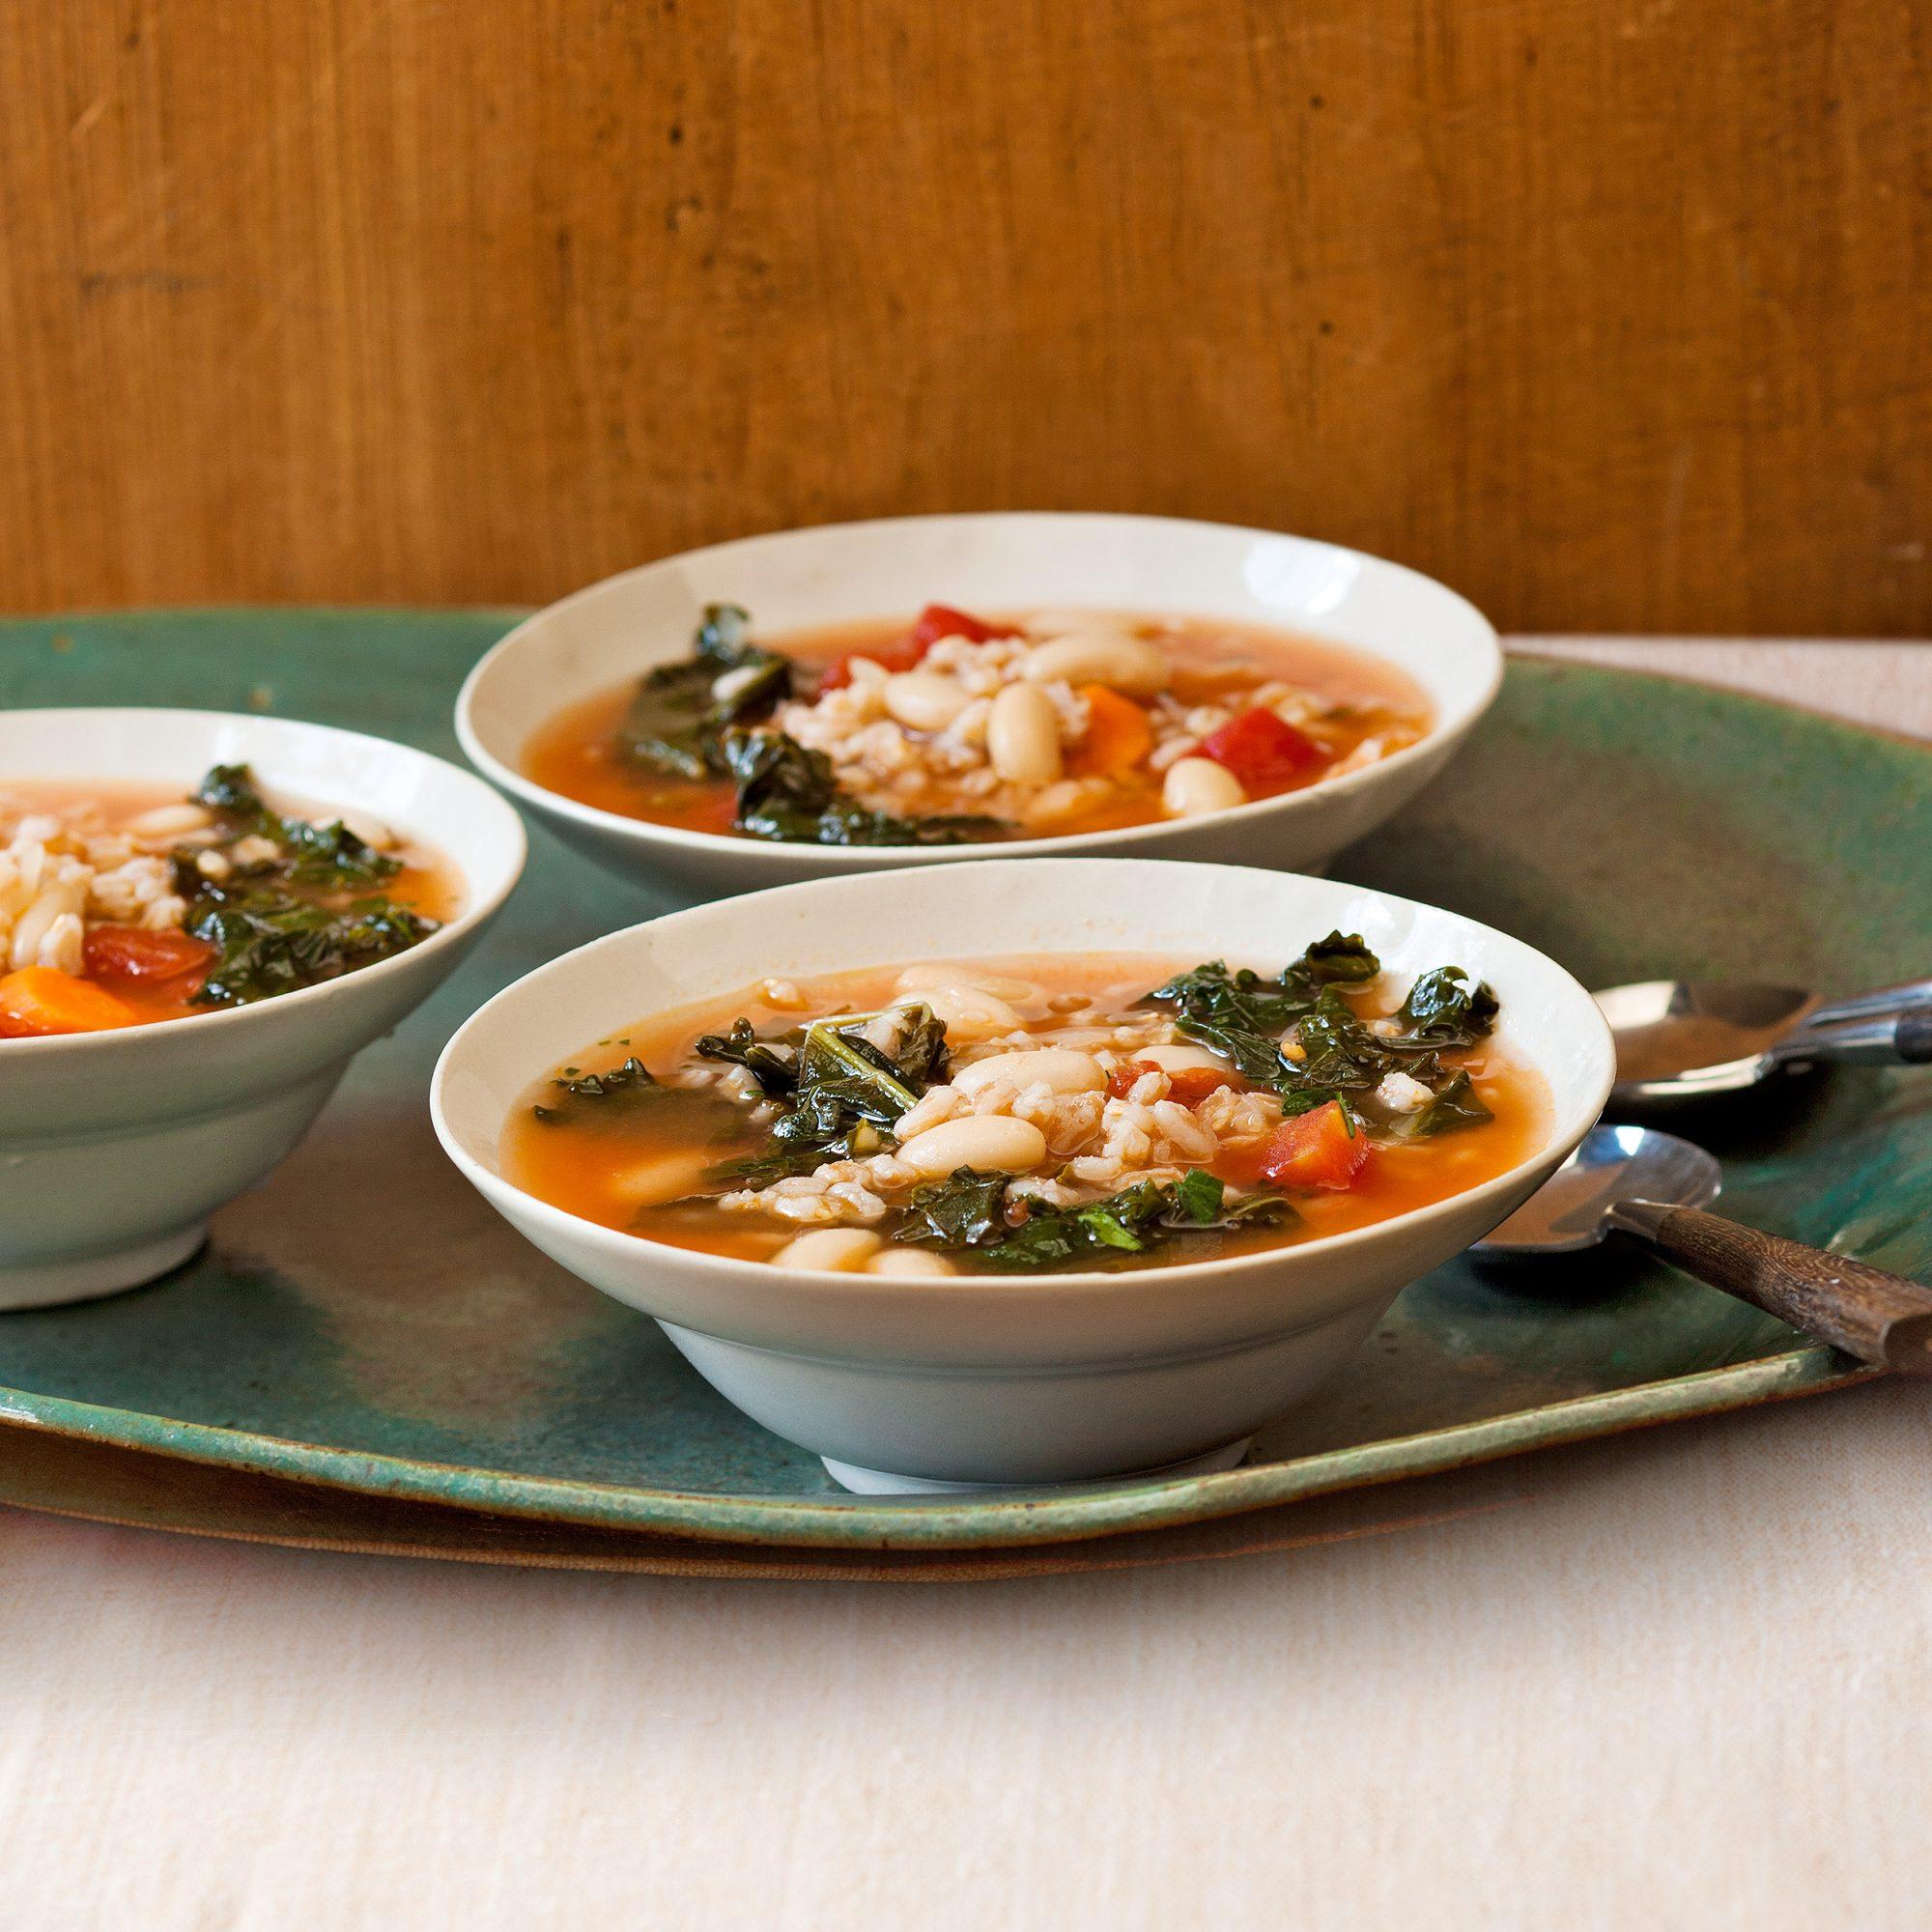 Tuscan Kale & Farro Soup